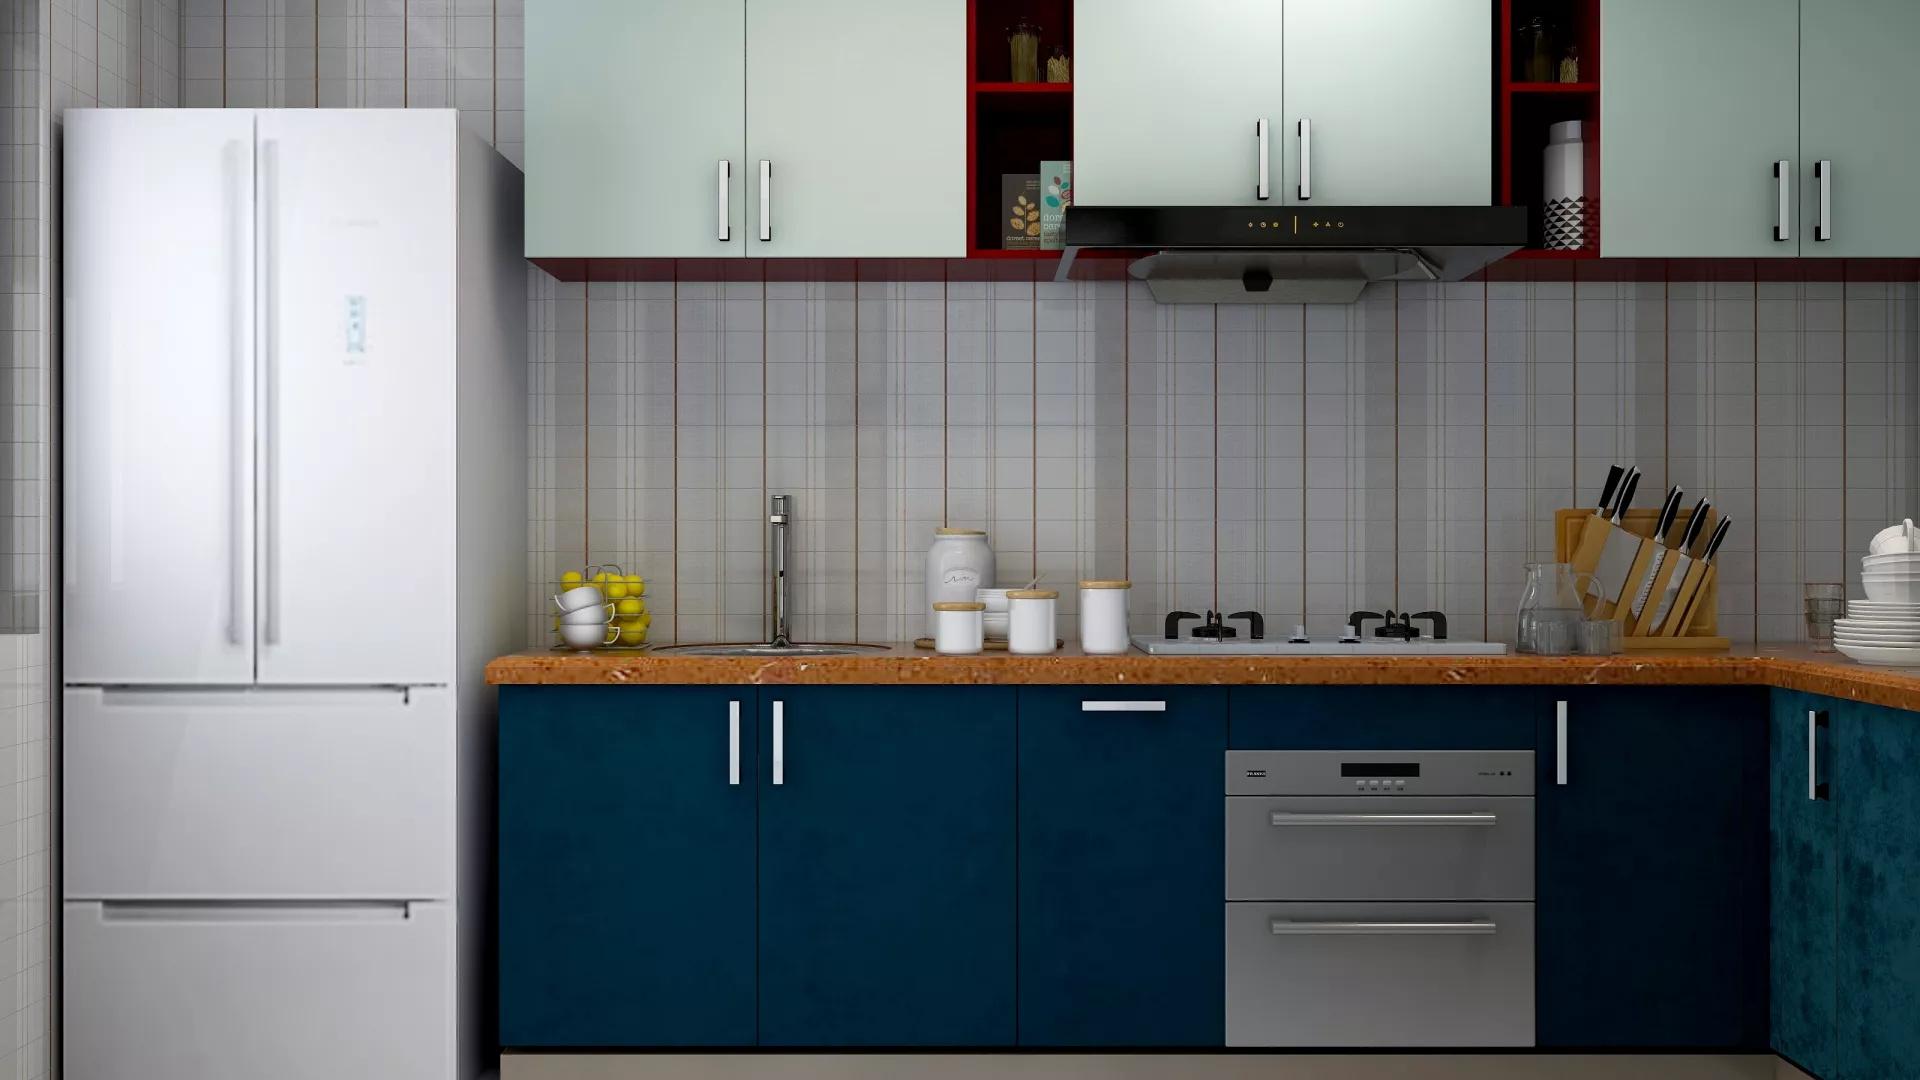 简约舒适风格家居房屋装修效果图